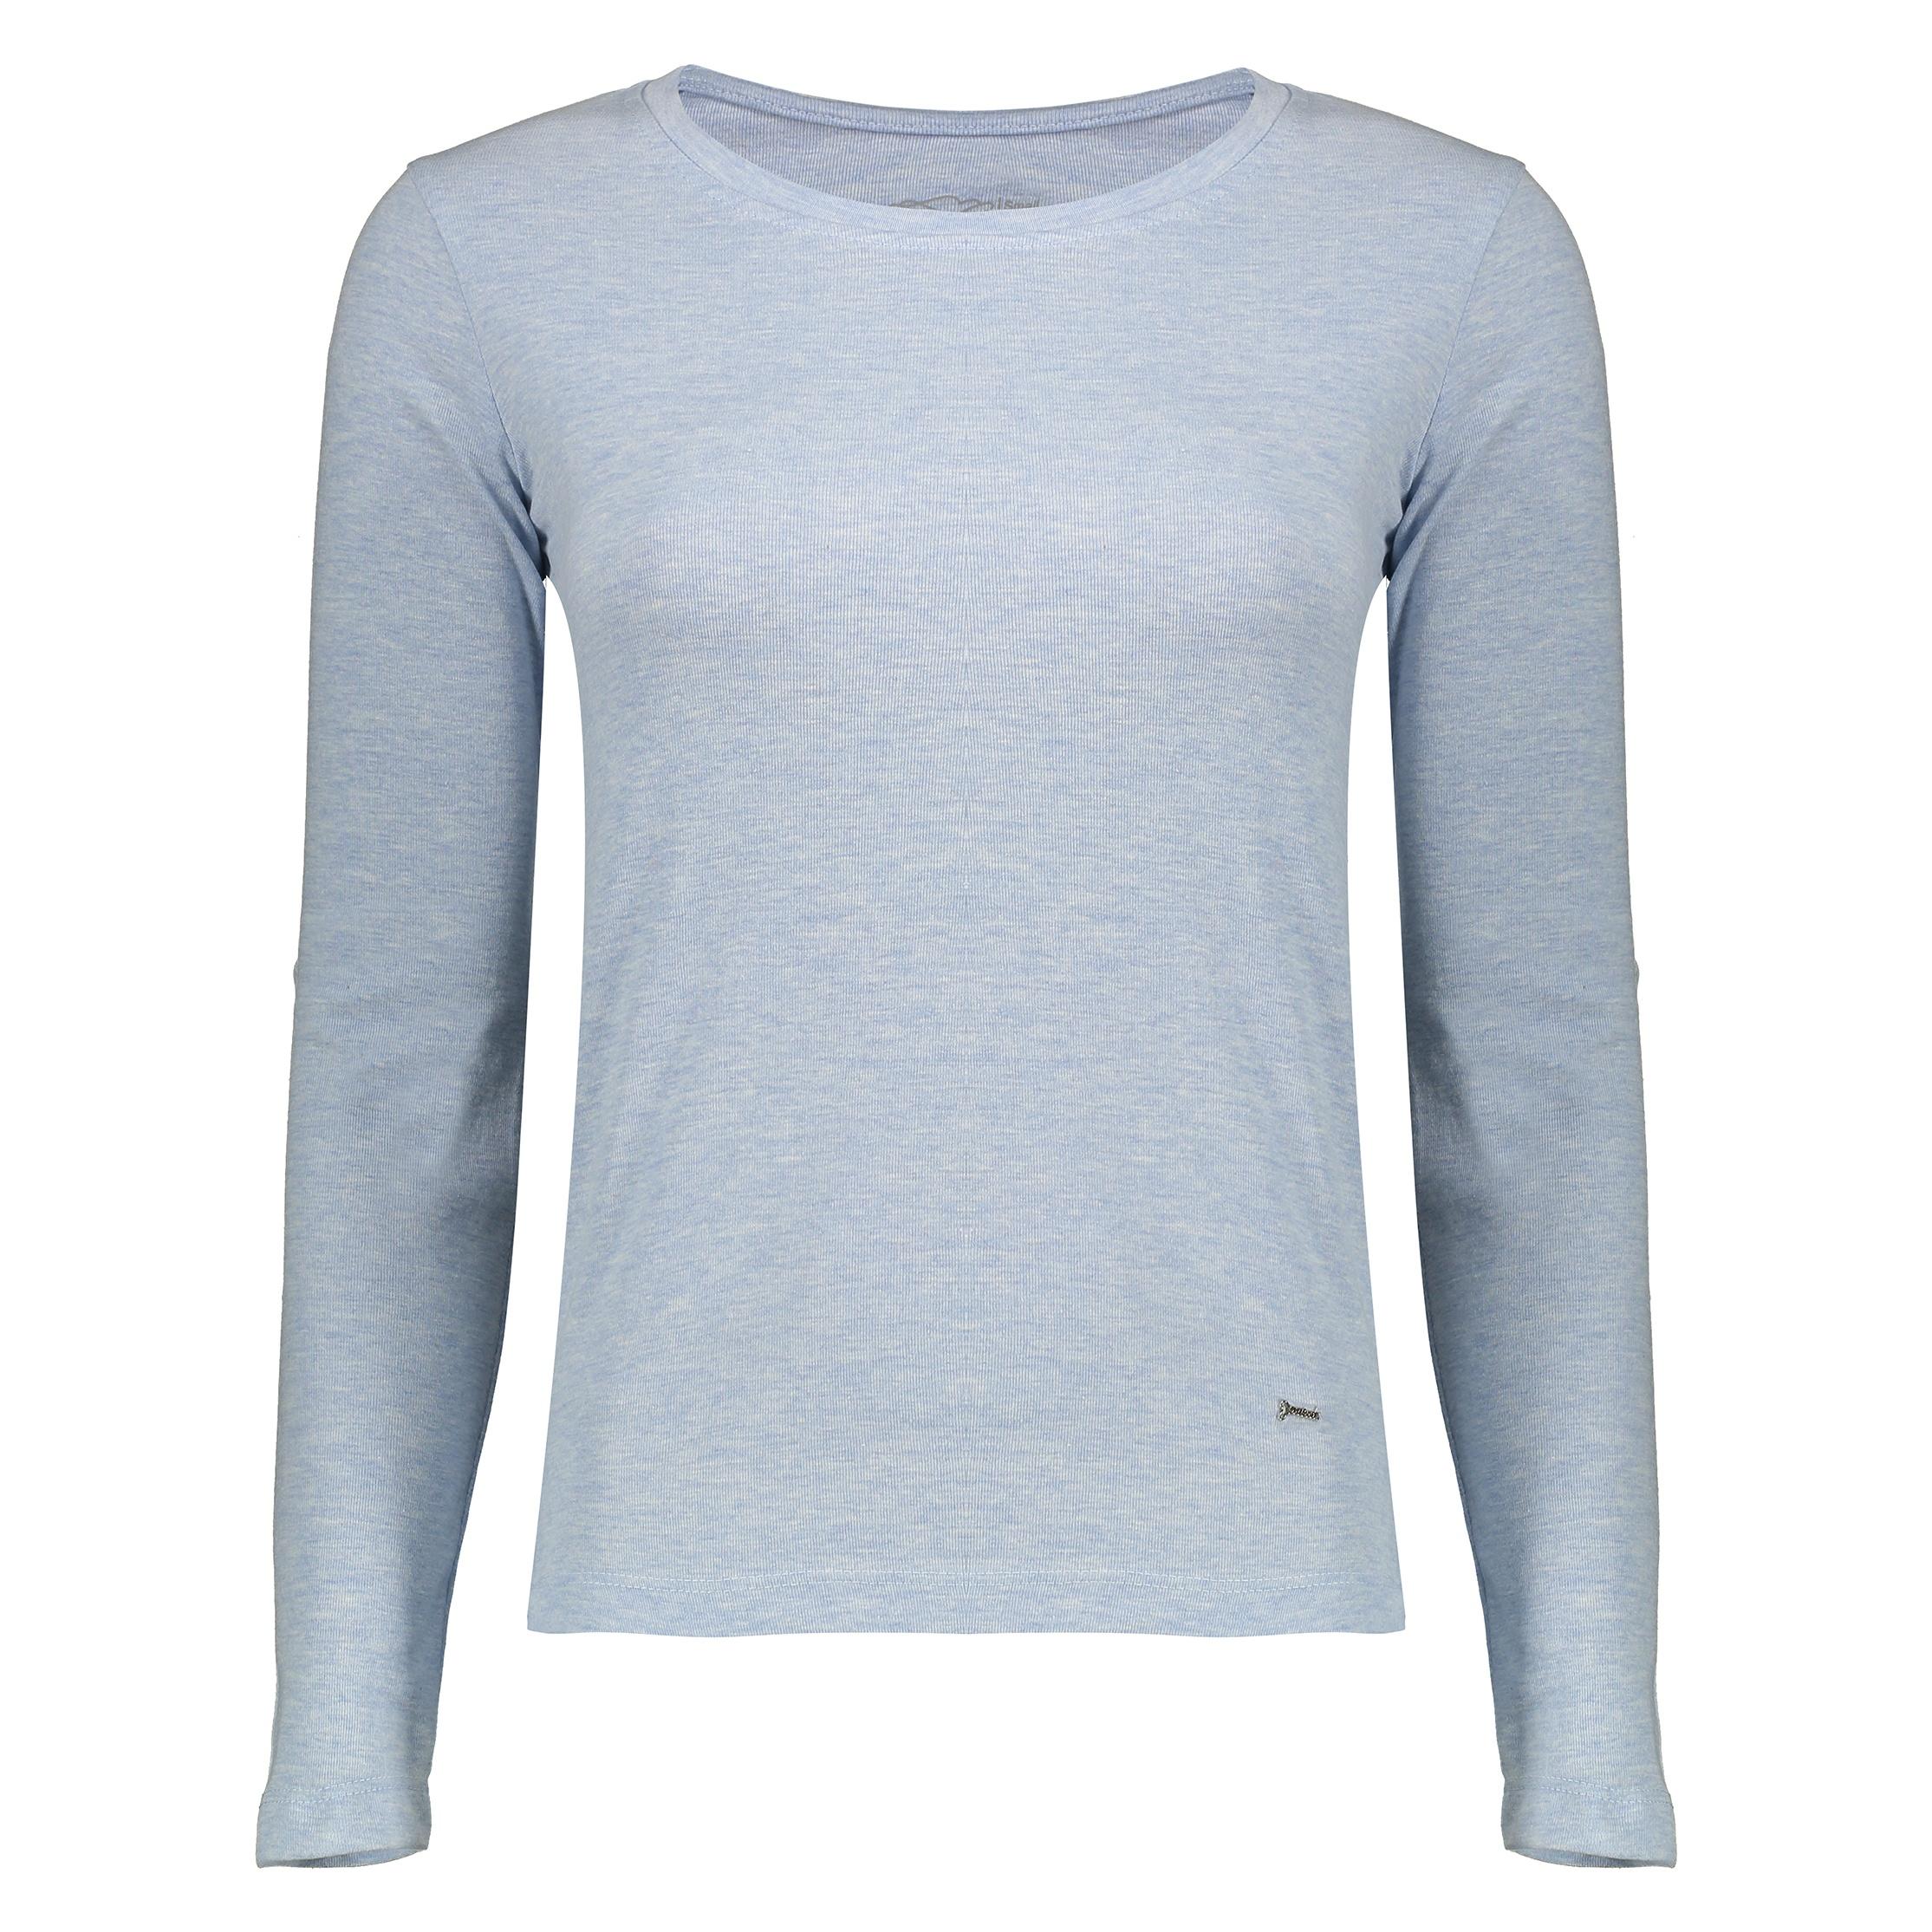 تی شرت زنانه گارودی مدل 1003107001-52